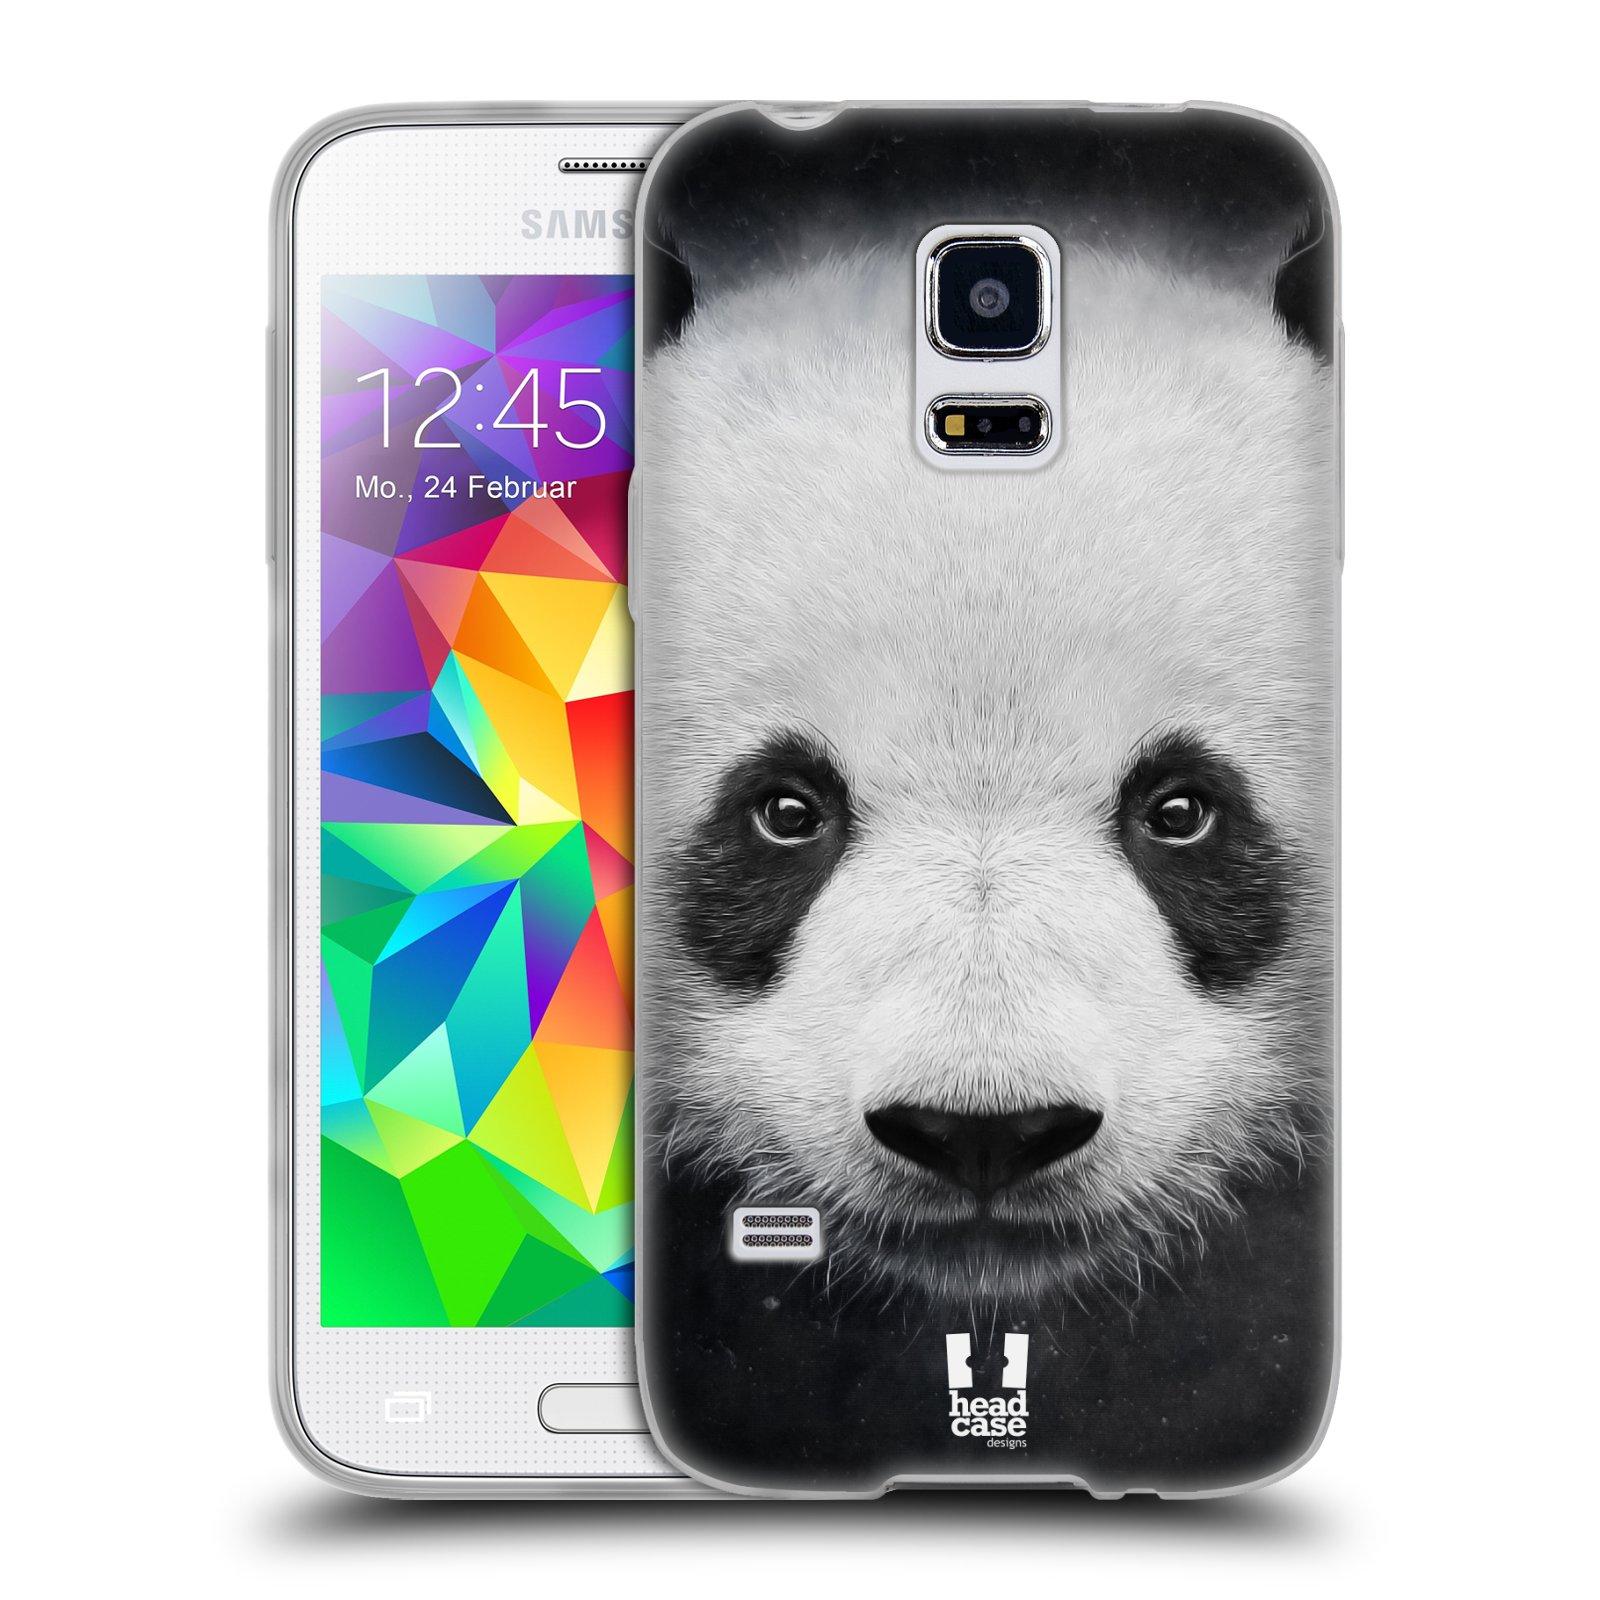 HEAD CASE silikonový obal na mobil Samsung Galaxy S5 MINI vzor Zvířecí tváře medvěd panda